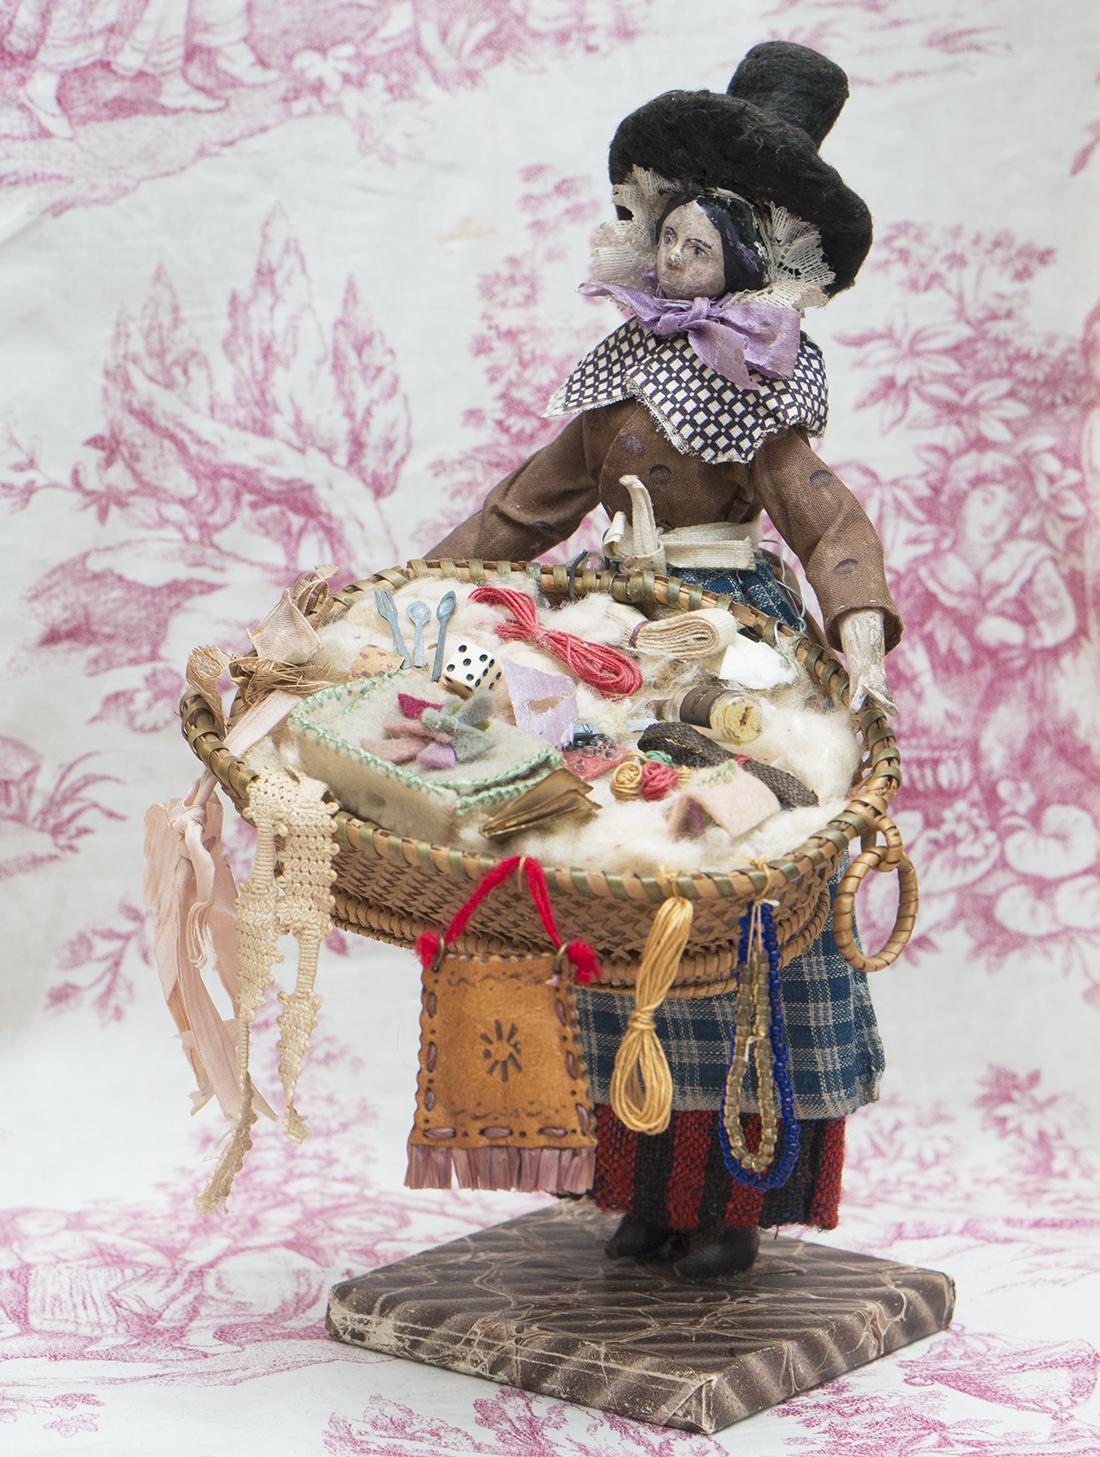 24см Деревянная Кукла Grodnertal в костюме  разносчицы товаров, 1835 год